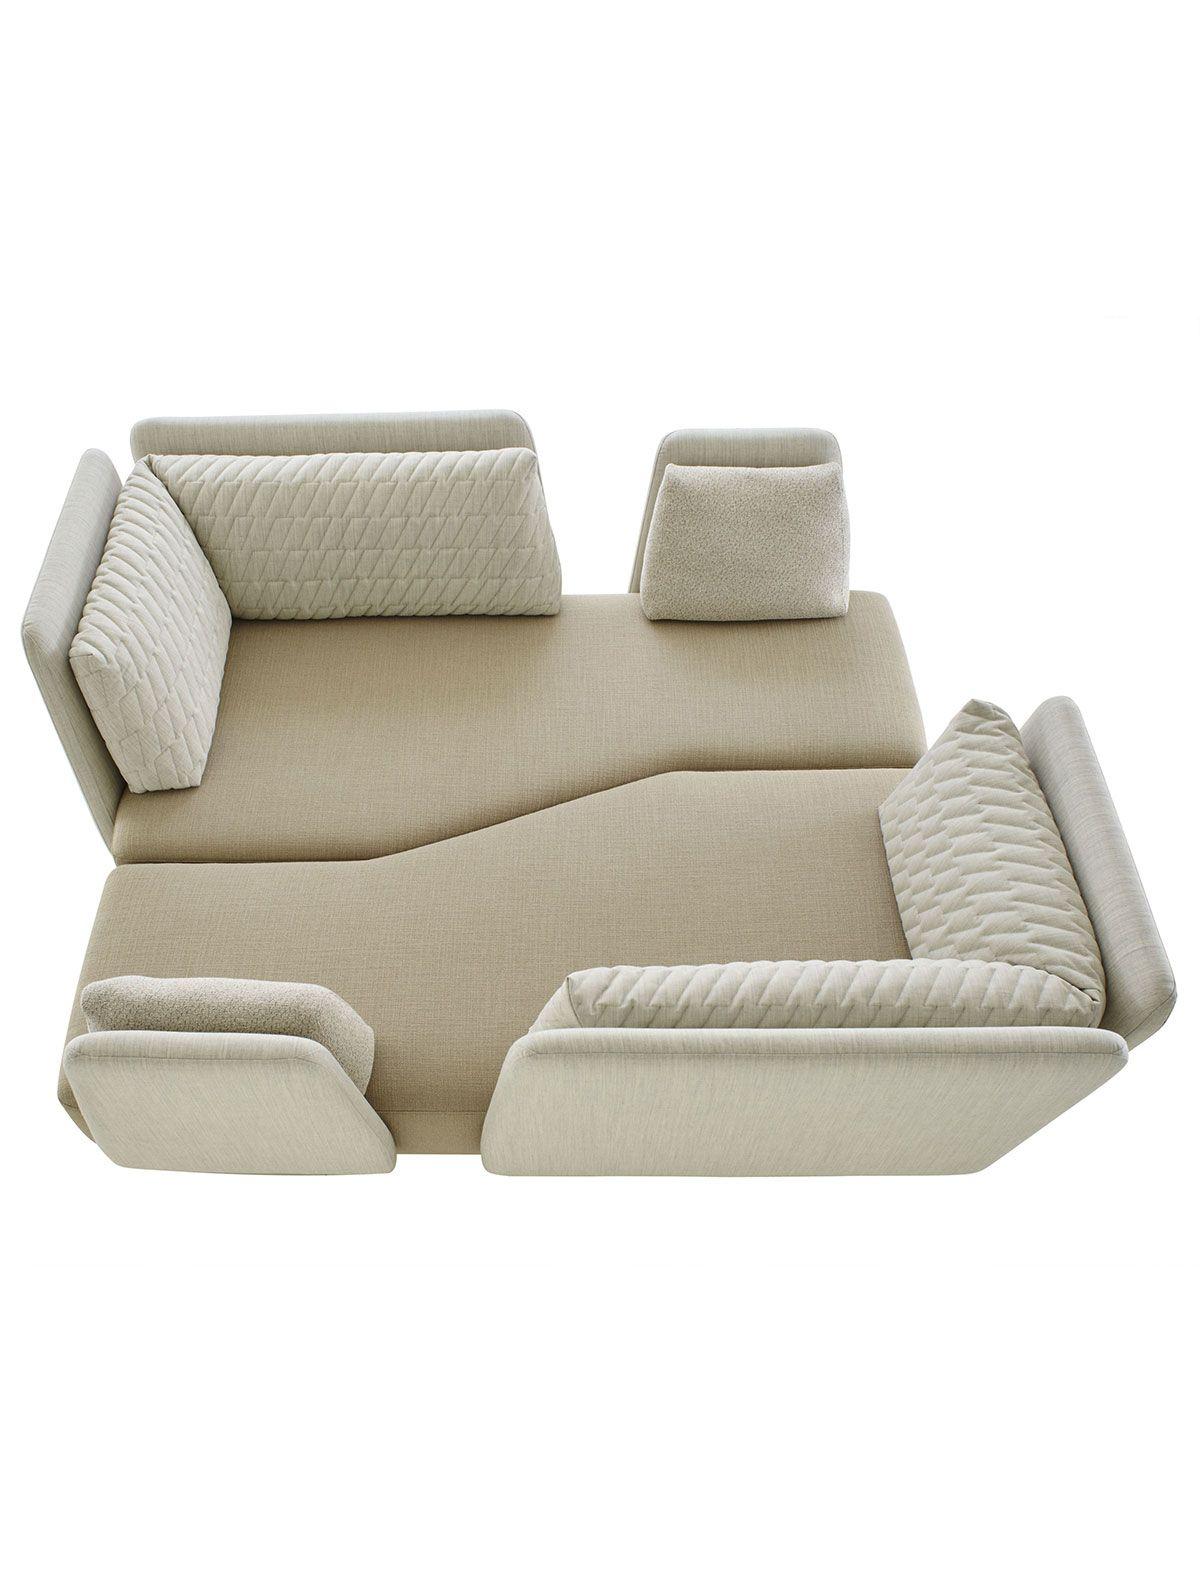 L'imprévu Sofa, Designed By Marie Christine Dorner For